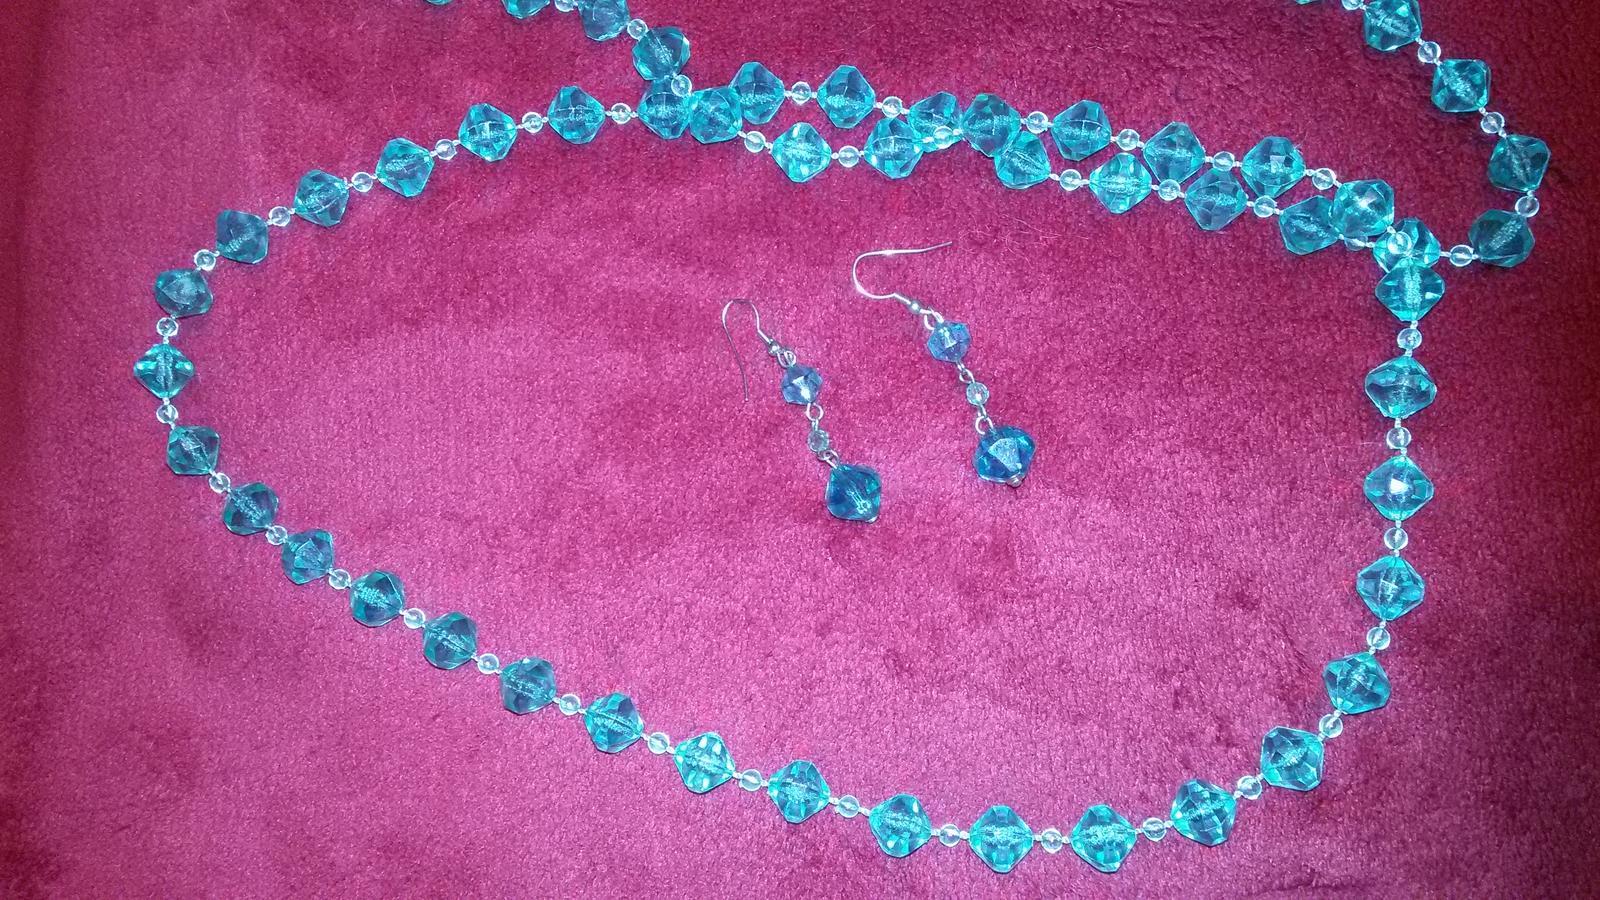 Korálkovy náhrdelník a nausnice - Obrázok č. 1